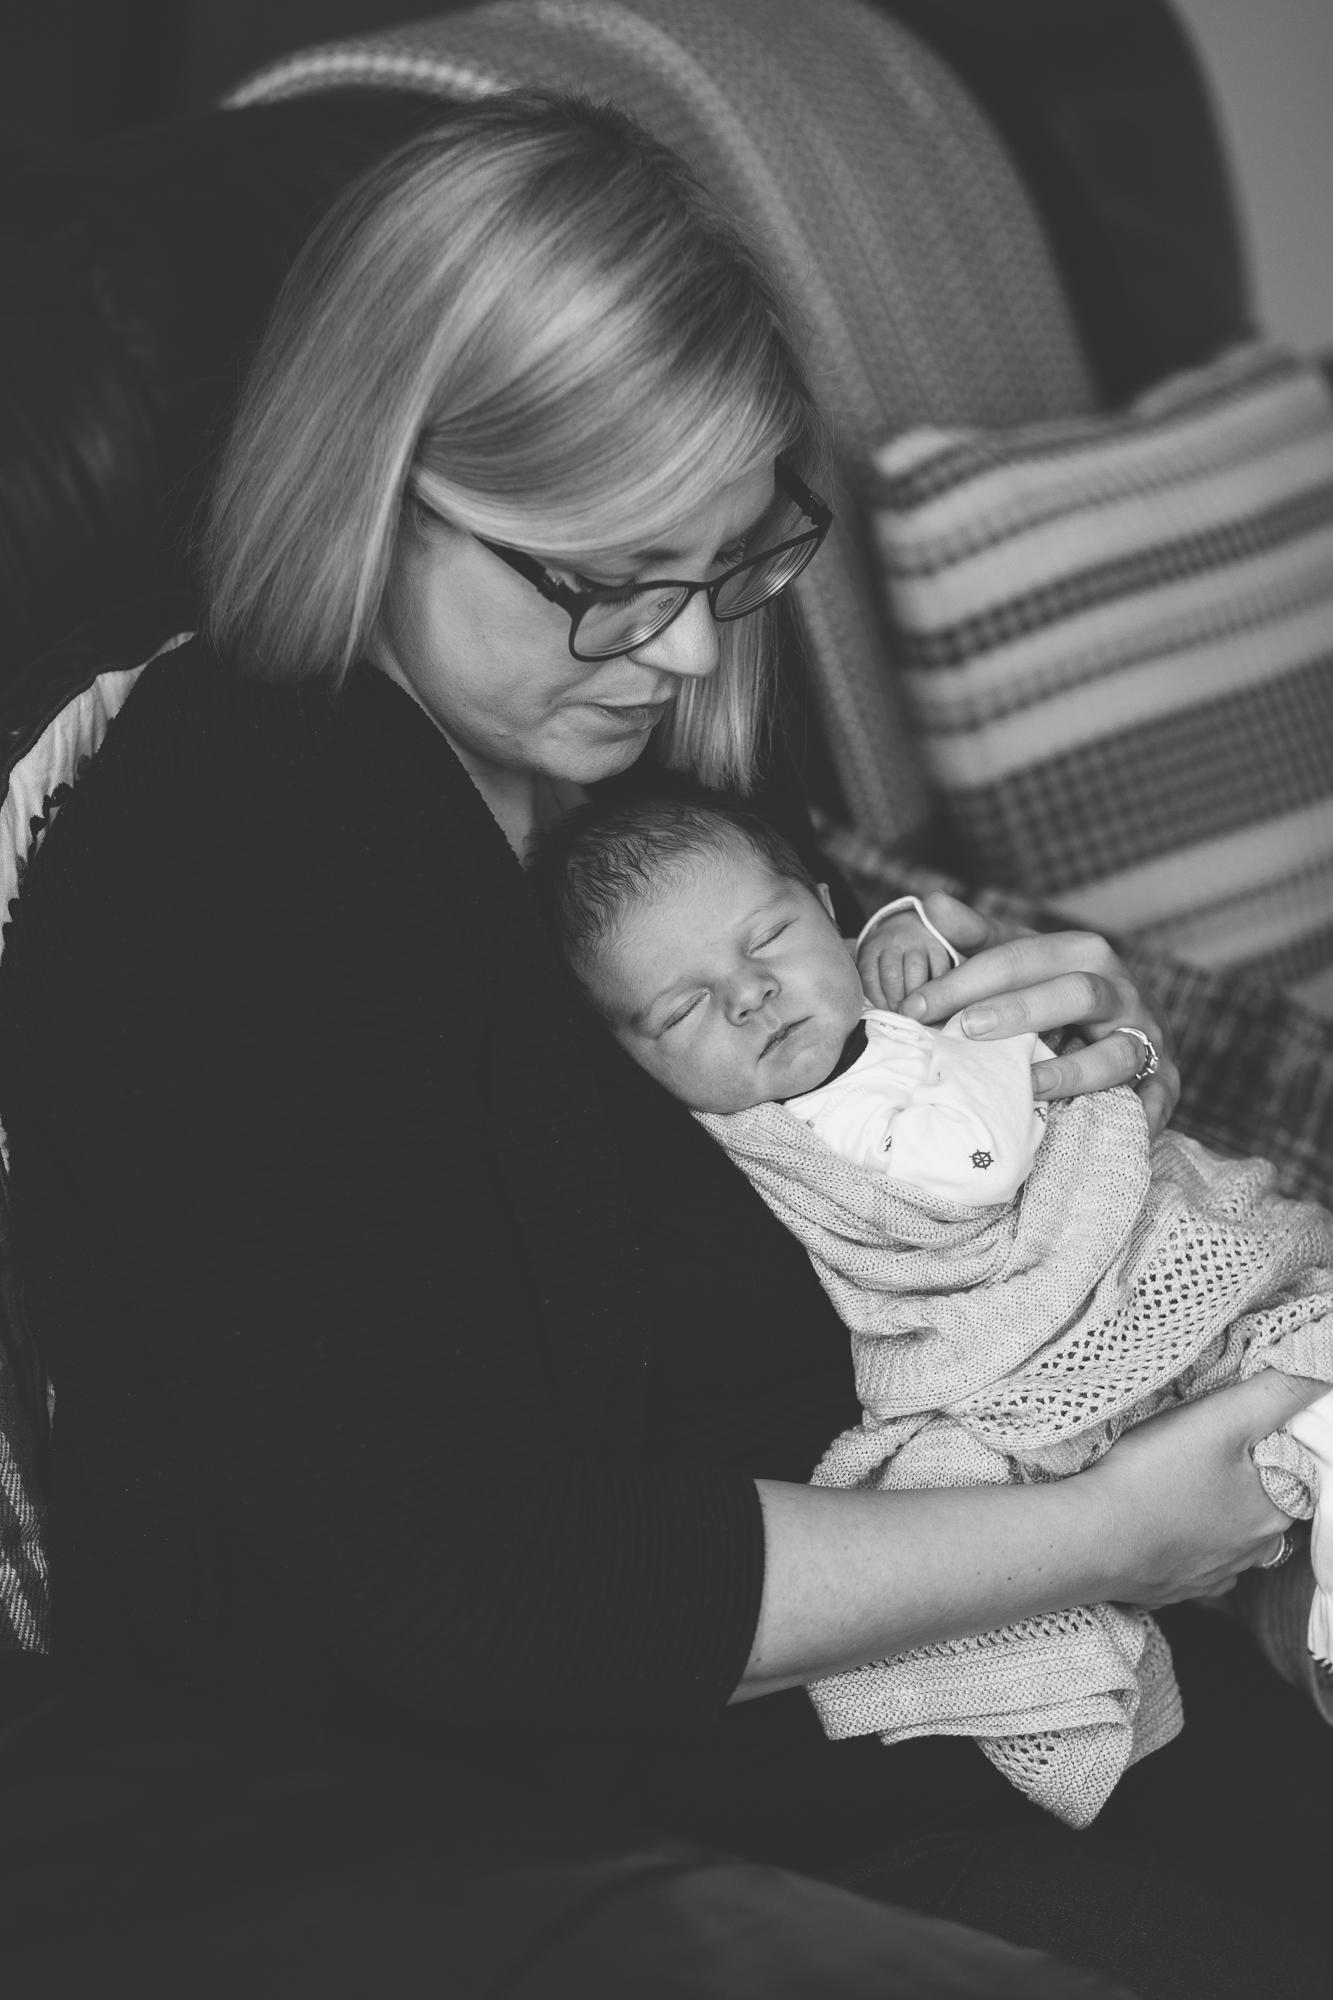 newborn photography Aberdeen, nct aberdeen